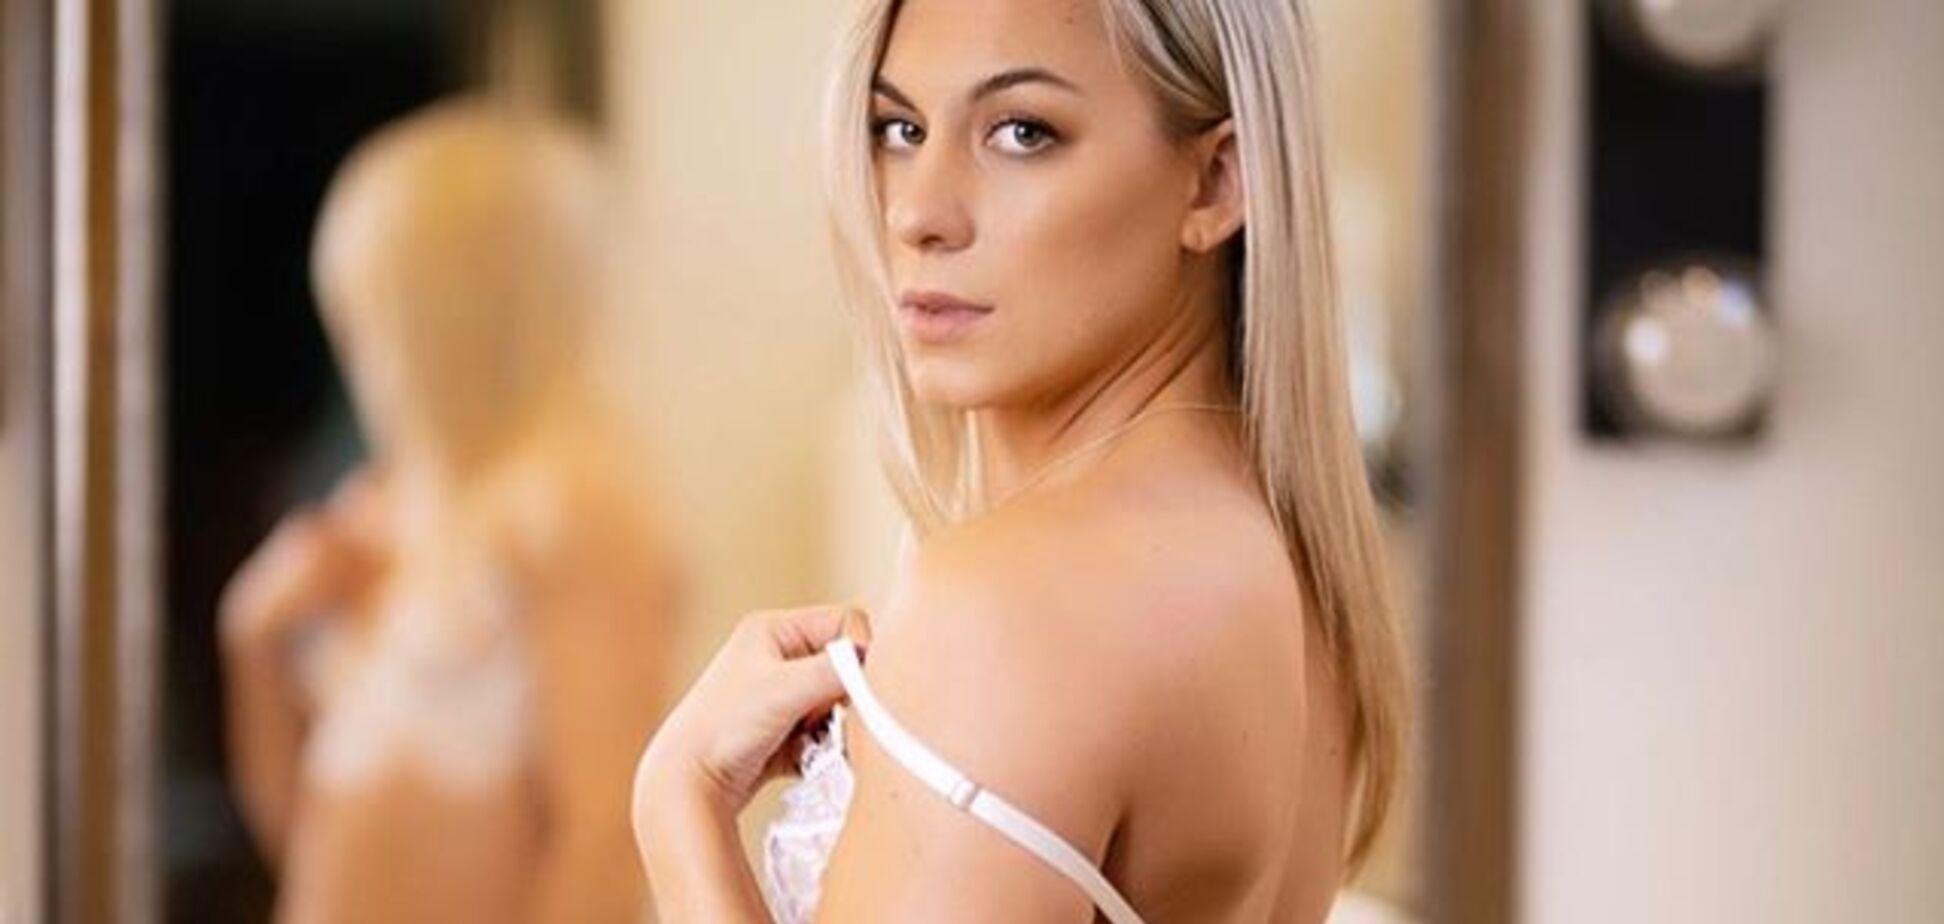 Популярна фітнес-тренерка виставила на продаж свої голі фото